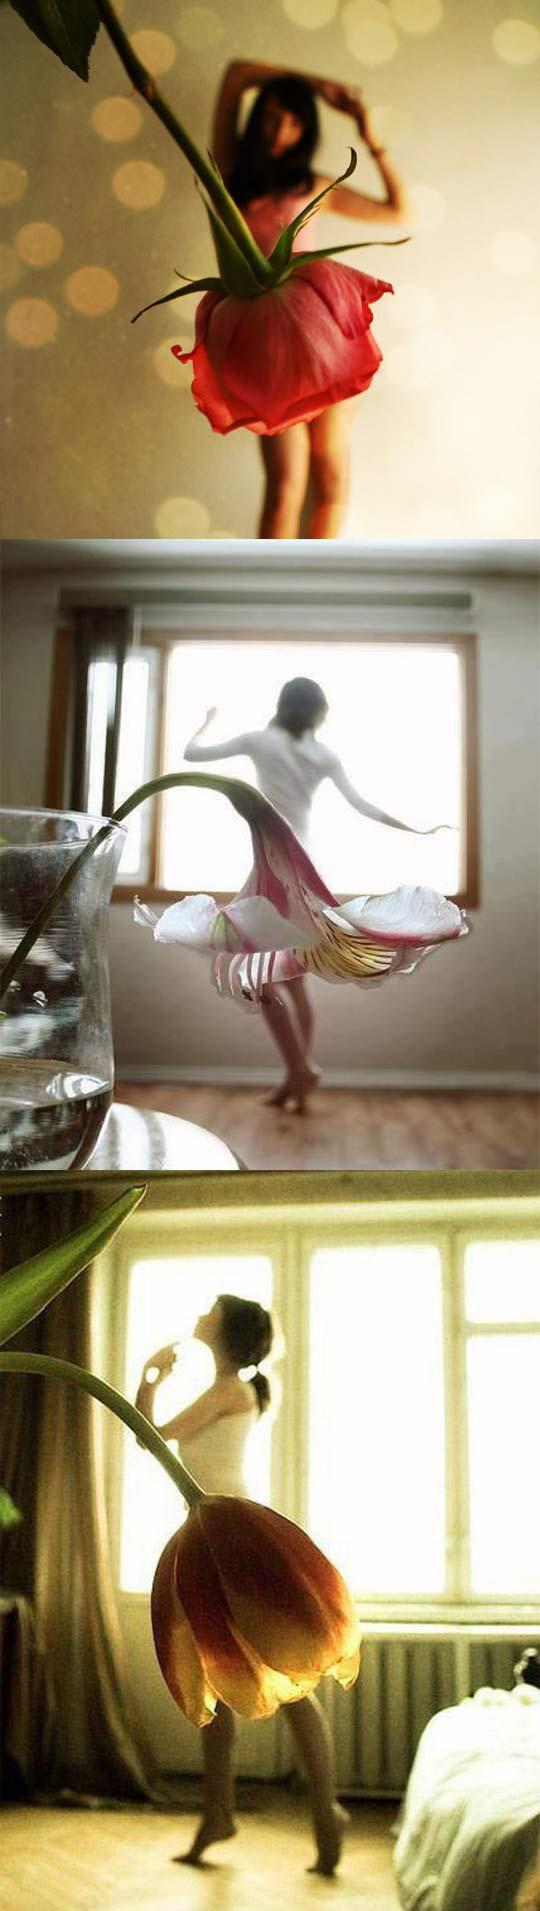 perspective photography 03, tatiana mikhina